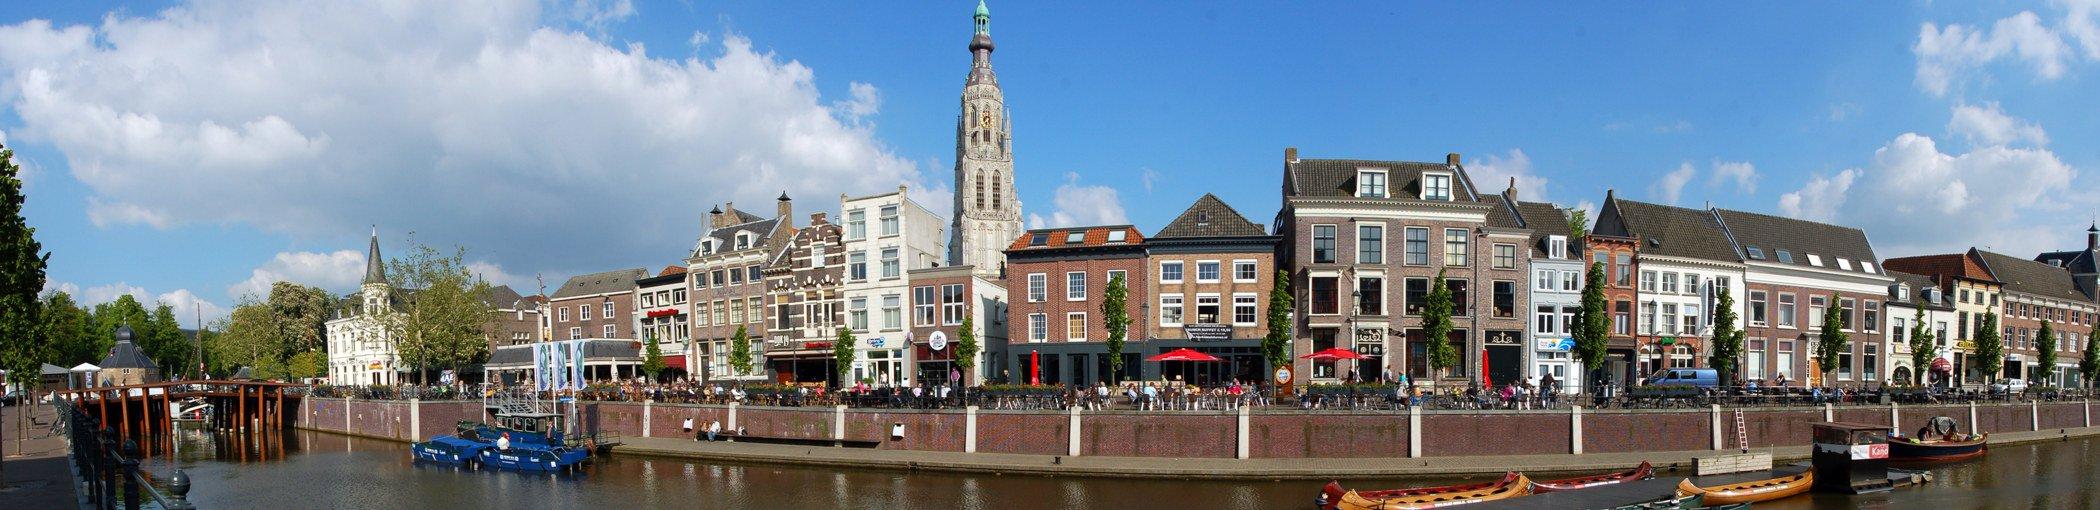 Letselschade advocaat Breda | LetselPro